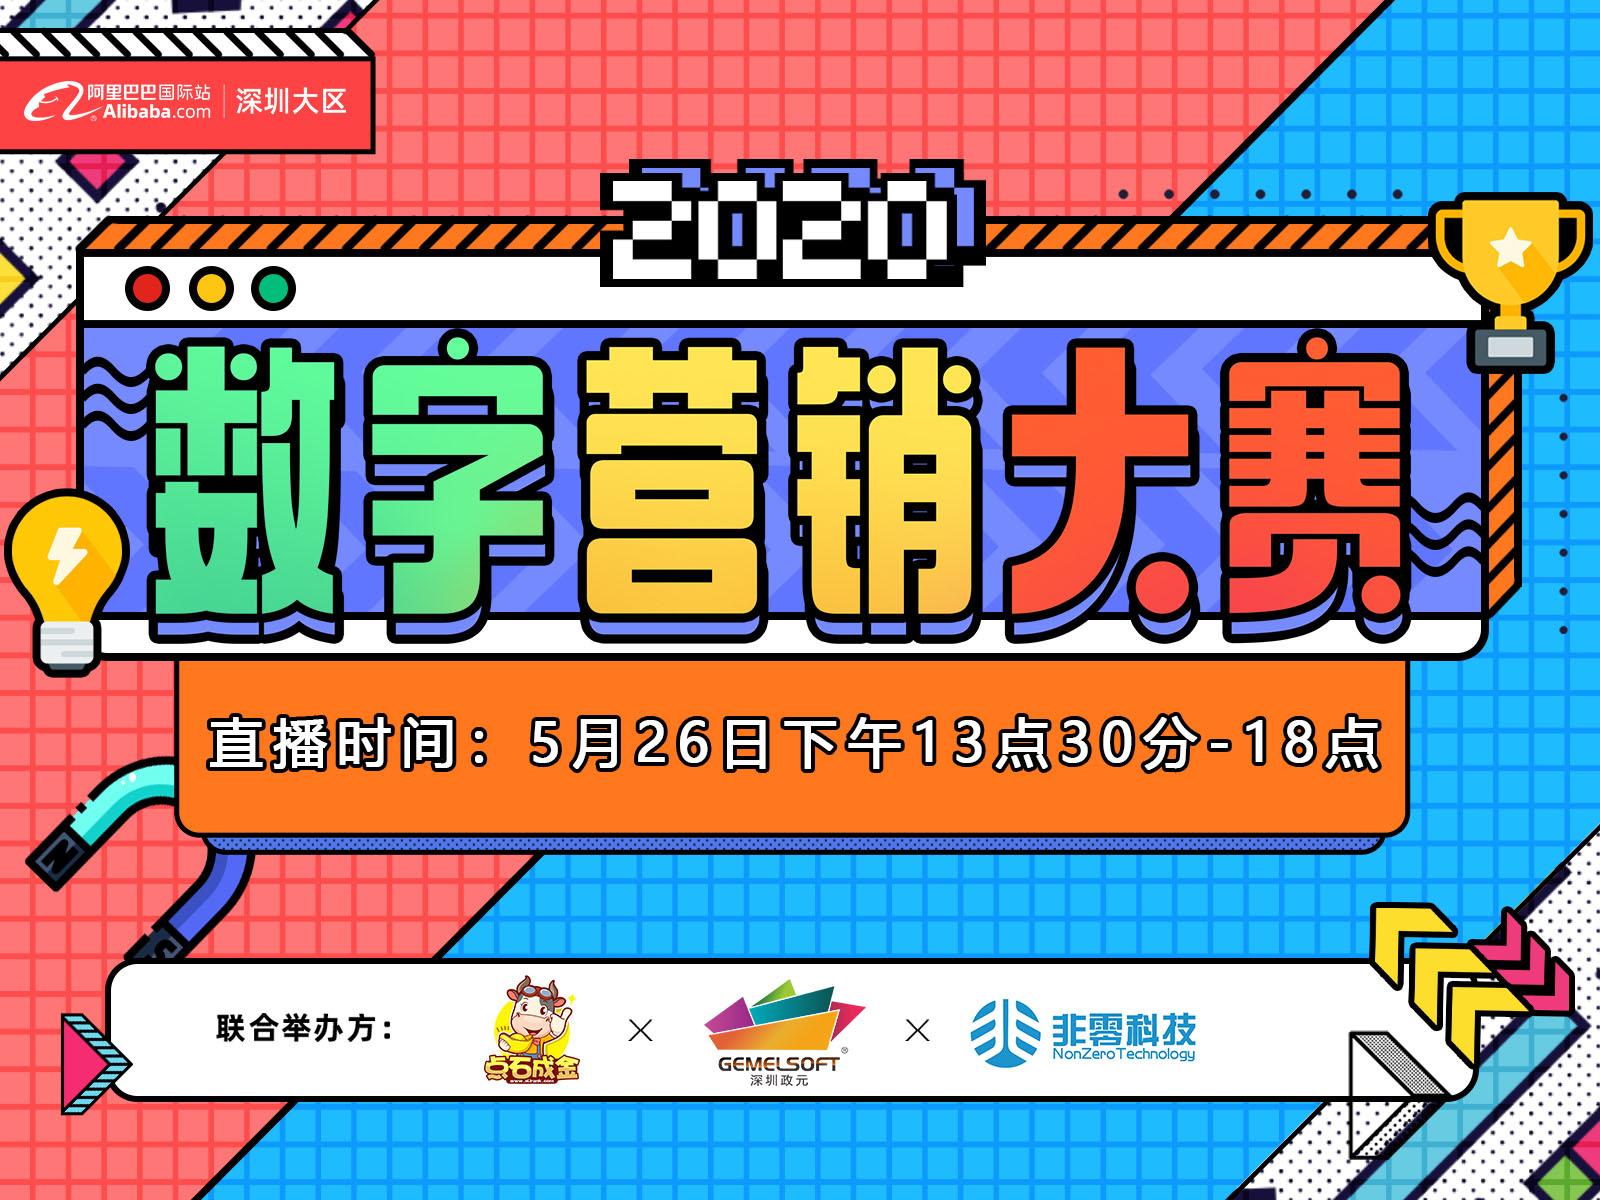 阿里巴巴国际站深圳大区《数字营销大赛》宝安区域决赛